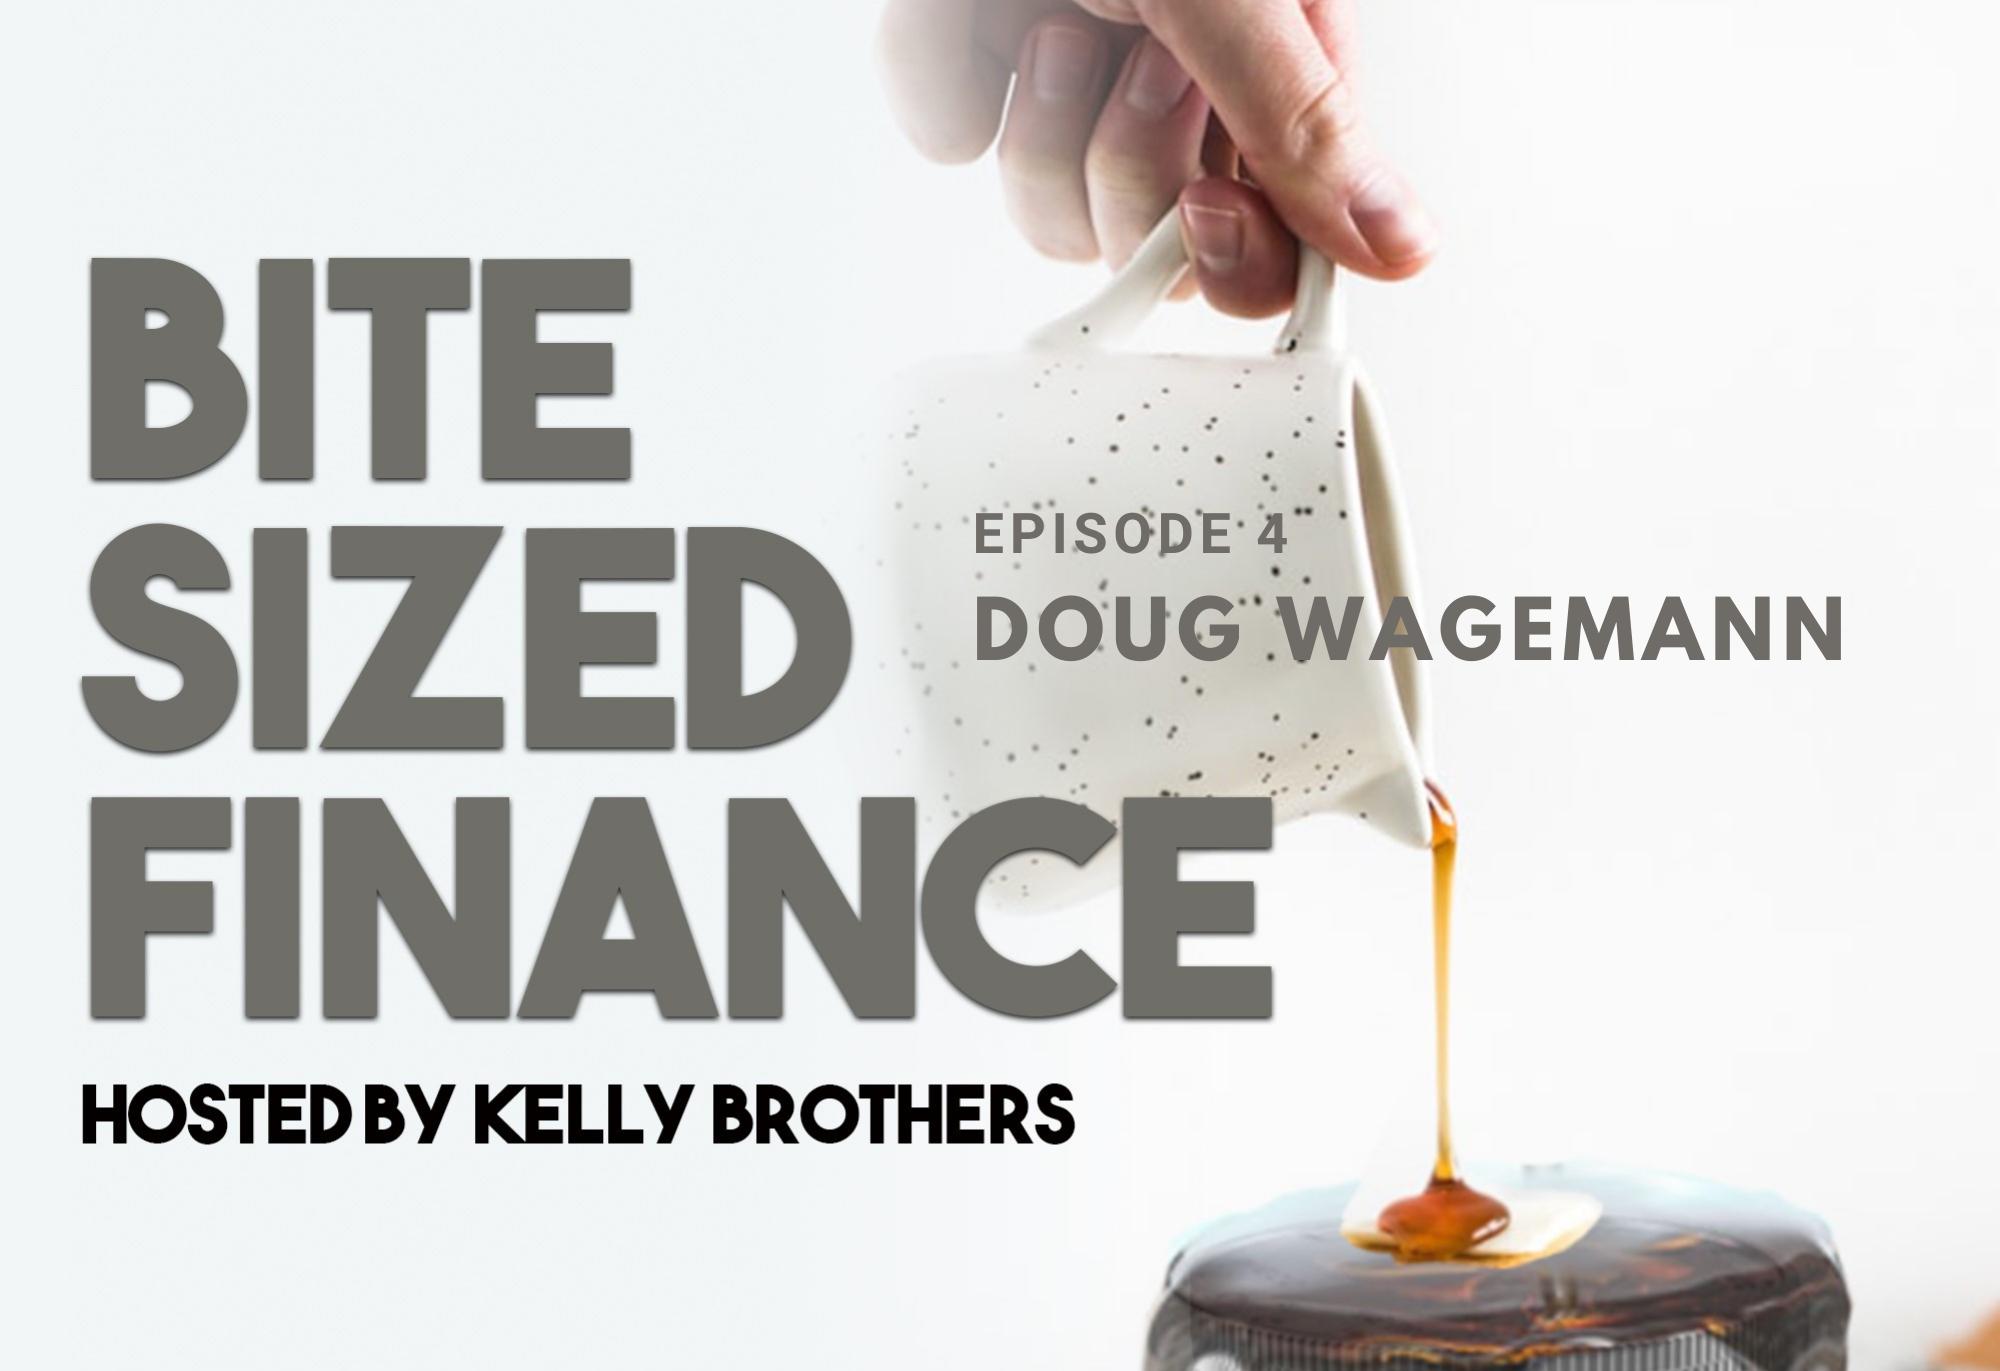 Episode 4 - Doug Wagemann Thumbnail